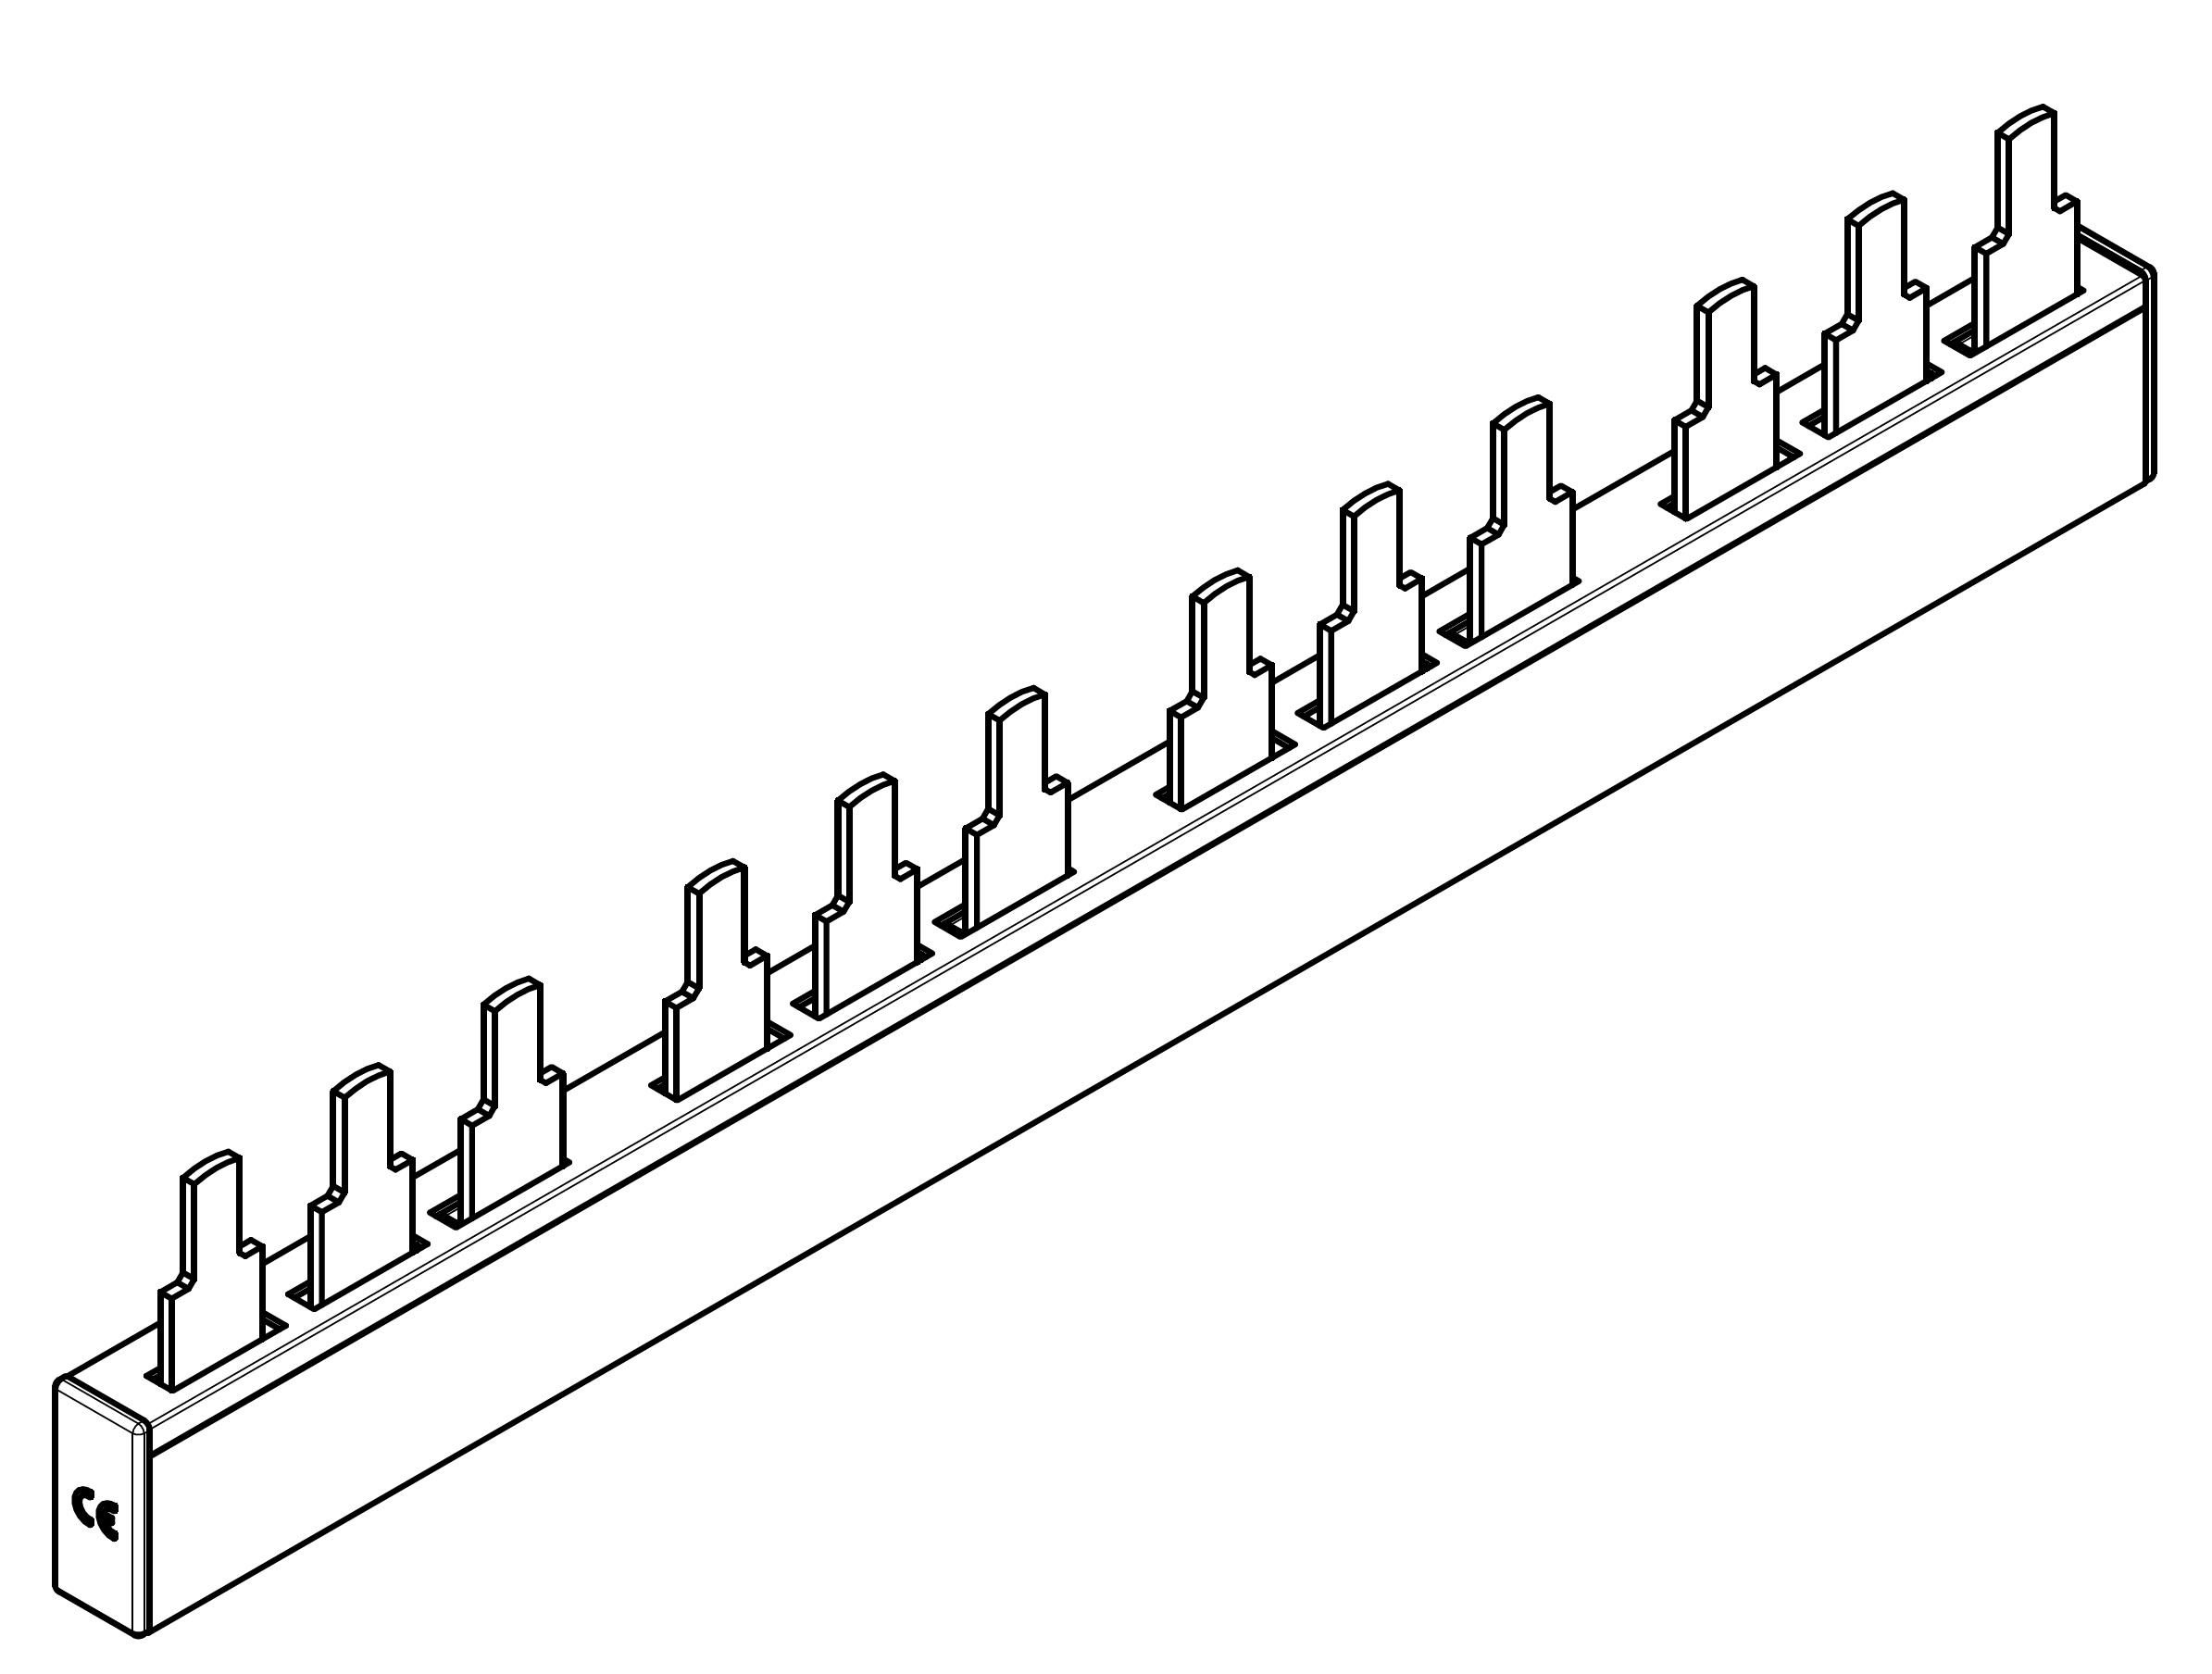 1 Stk ARROW II 000-NH-Trenner-Verschienung 4-fach BS900194-A